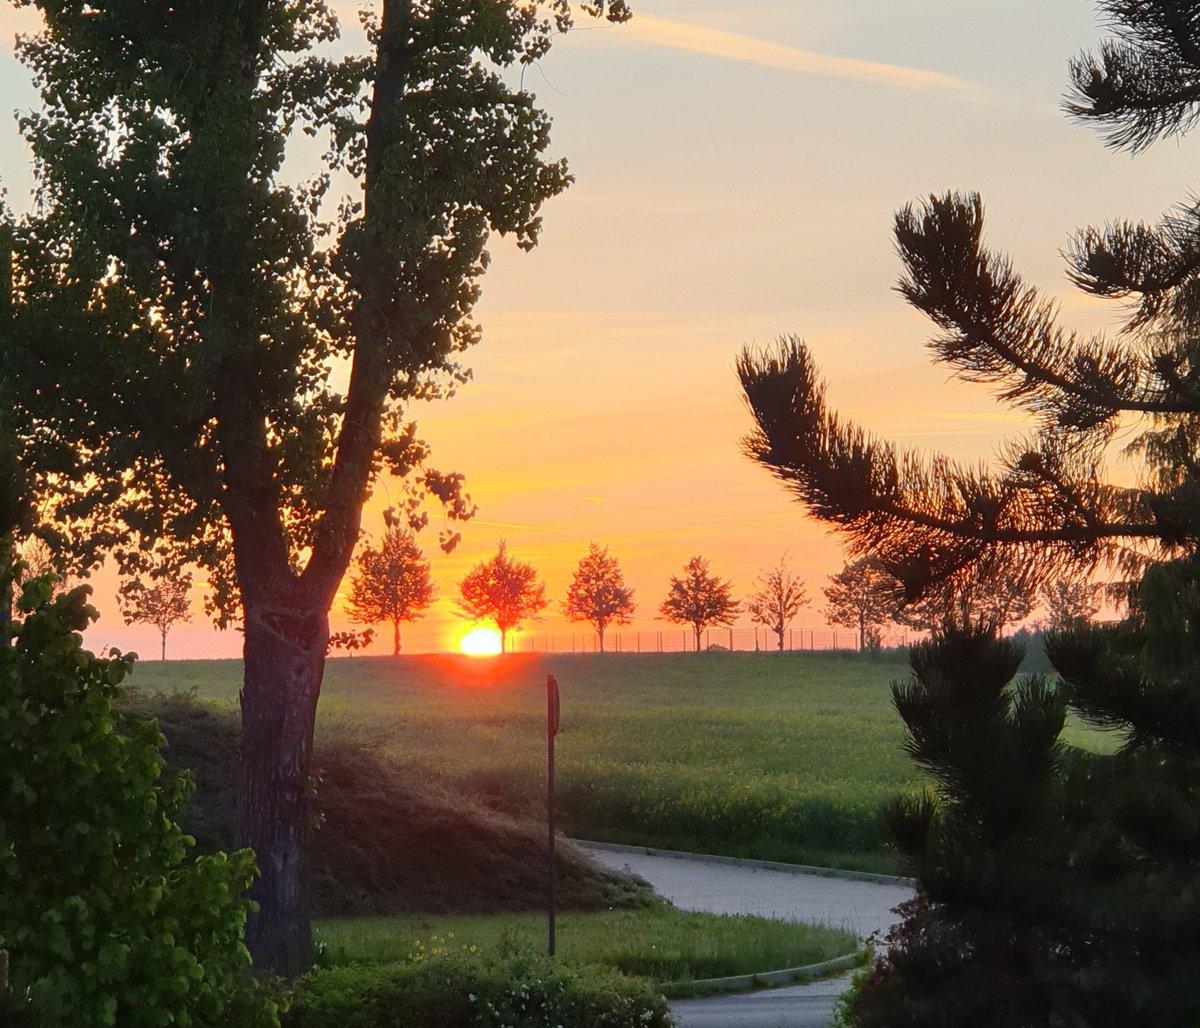 Guten Morgen ihr Lieben  😊 Kommt gut durch den Donnerstag und lasst euch nicht ärgern 😉 Heute klopfen die Regentropfen ans Fenster da kommt mir der Sonnenaufgang von gestern gerade recht 😉 Passt auf euch auf 🙂 ☕☕☕ rüberschieb https://t.co/QFic2LvWQU